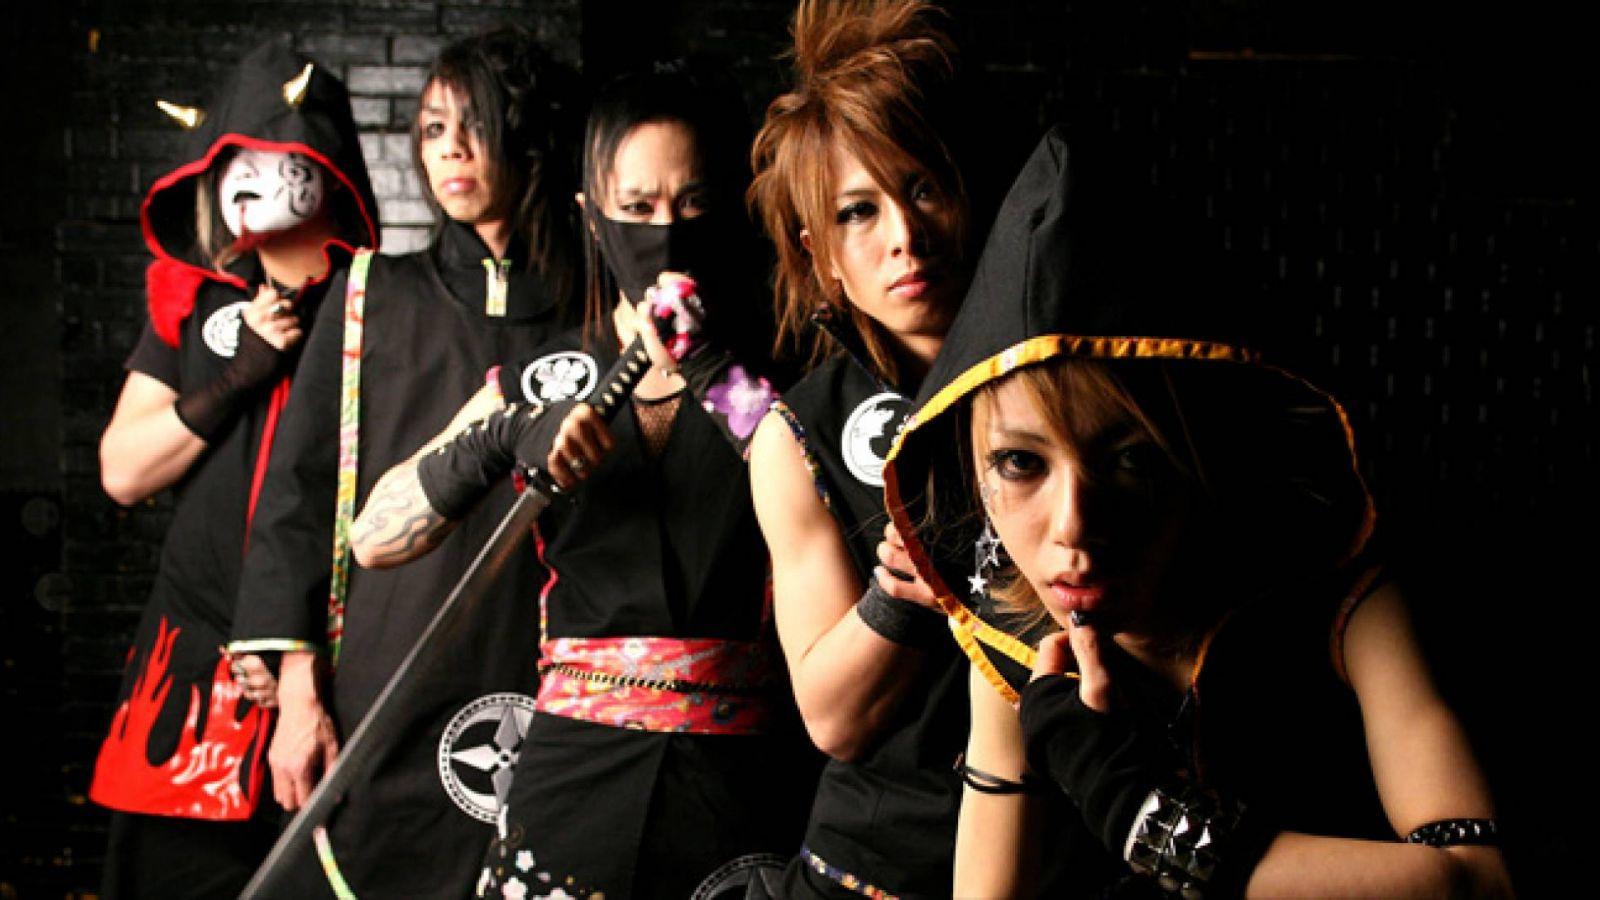 Transmisja na żywo Music DNA Tokyo z udziałem 50 indiesowych artystów w ten weekend! © OTOKAGE